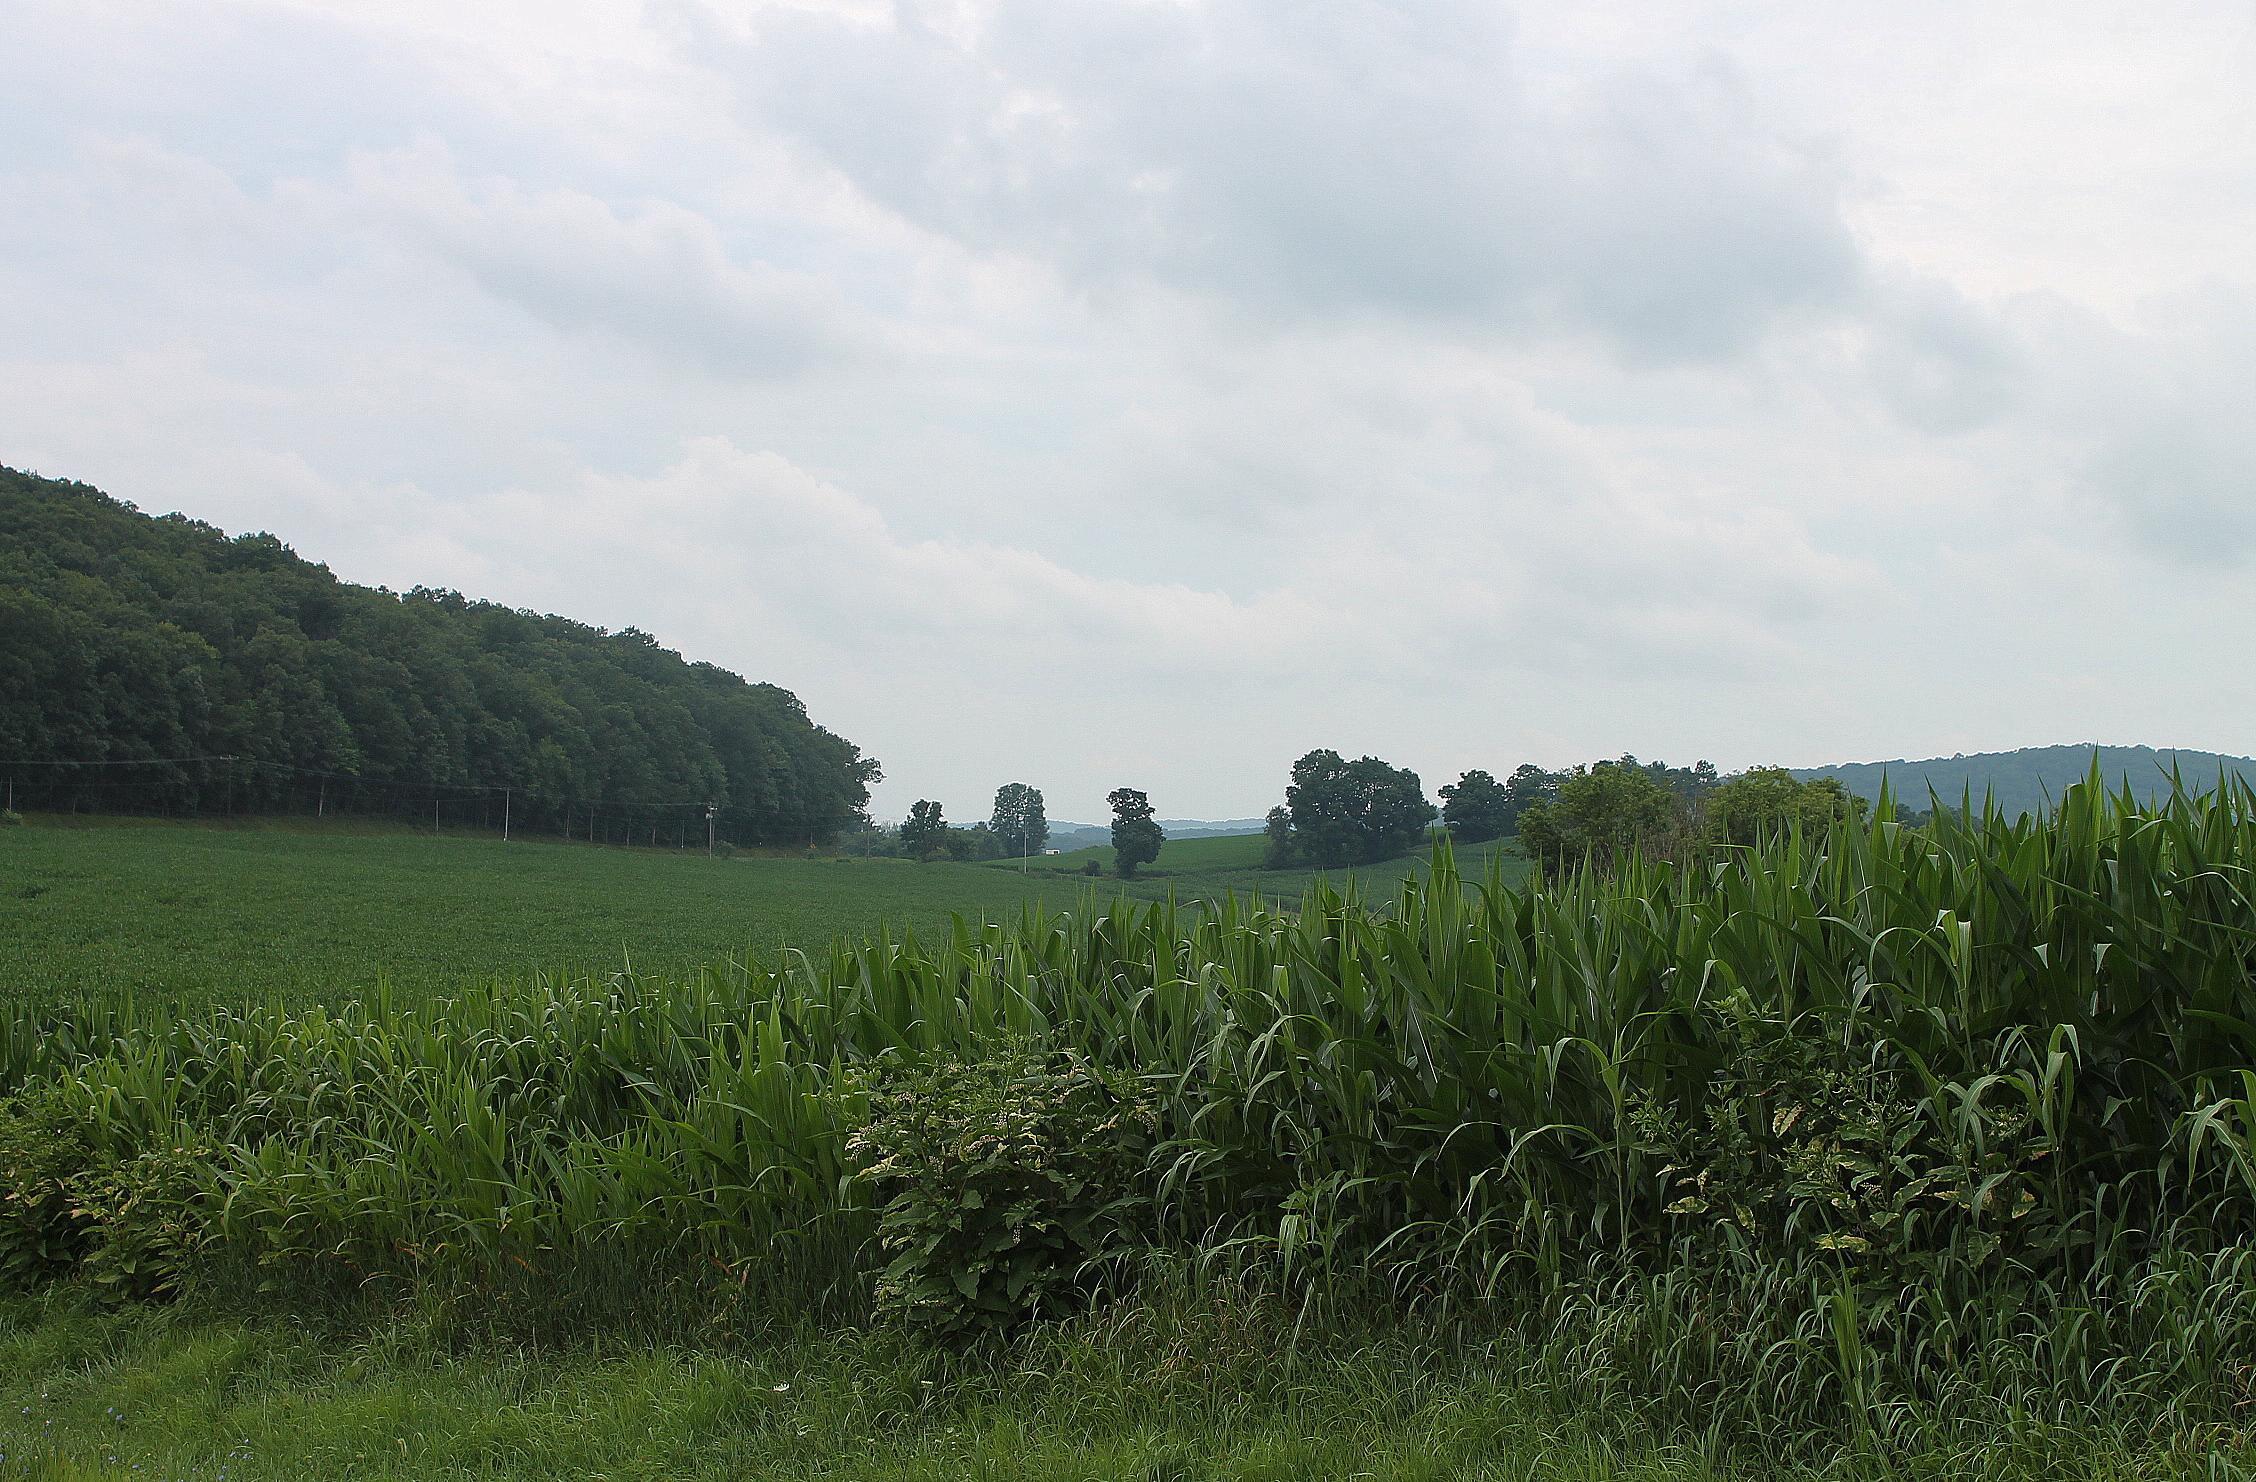 montour county dating Danville historic district, national register, danville borough, montour county, danville pa 17821.